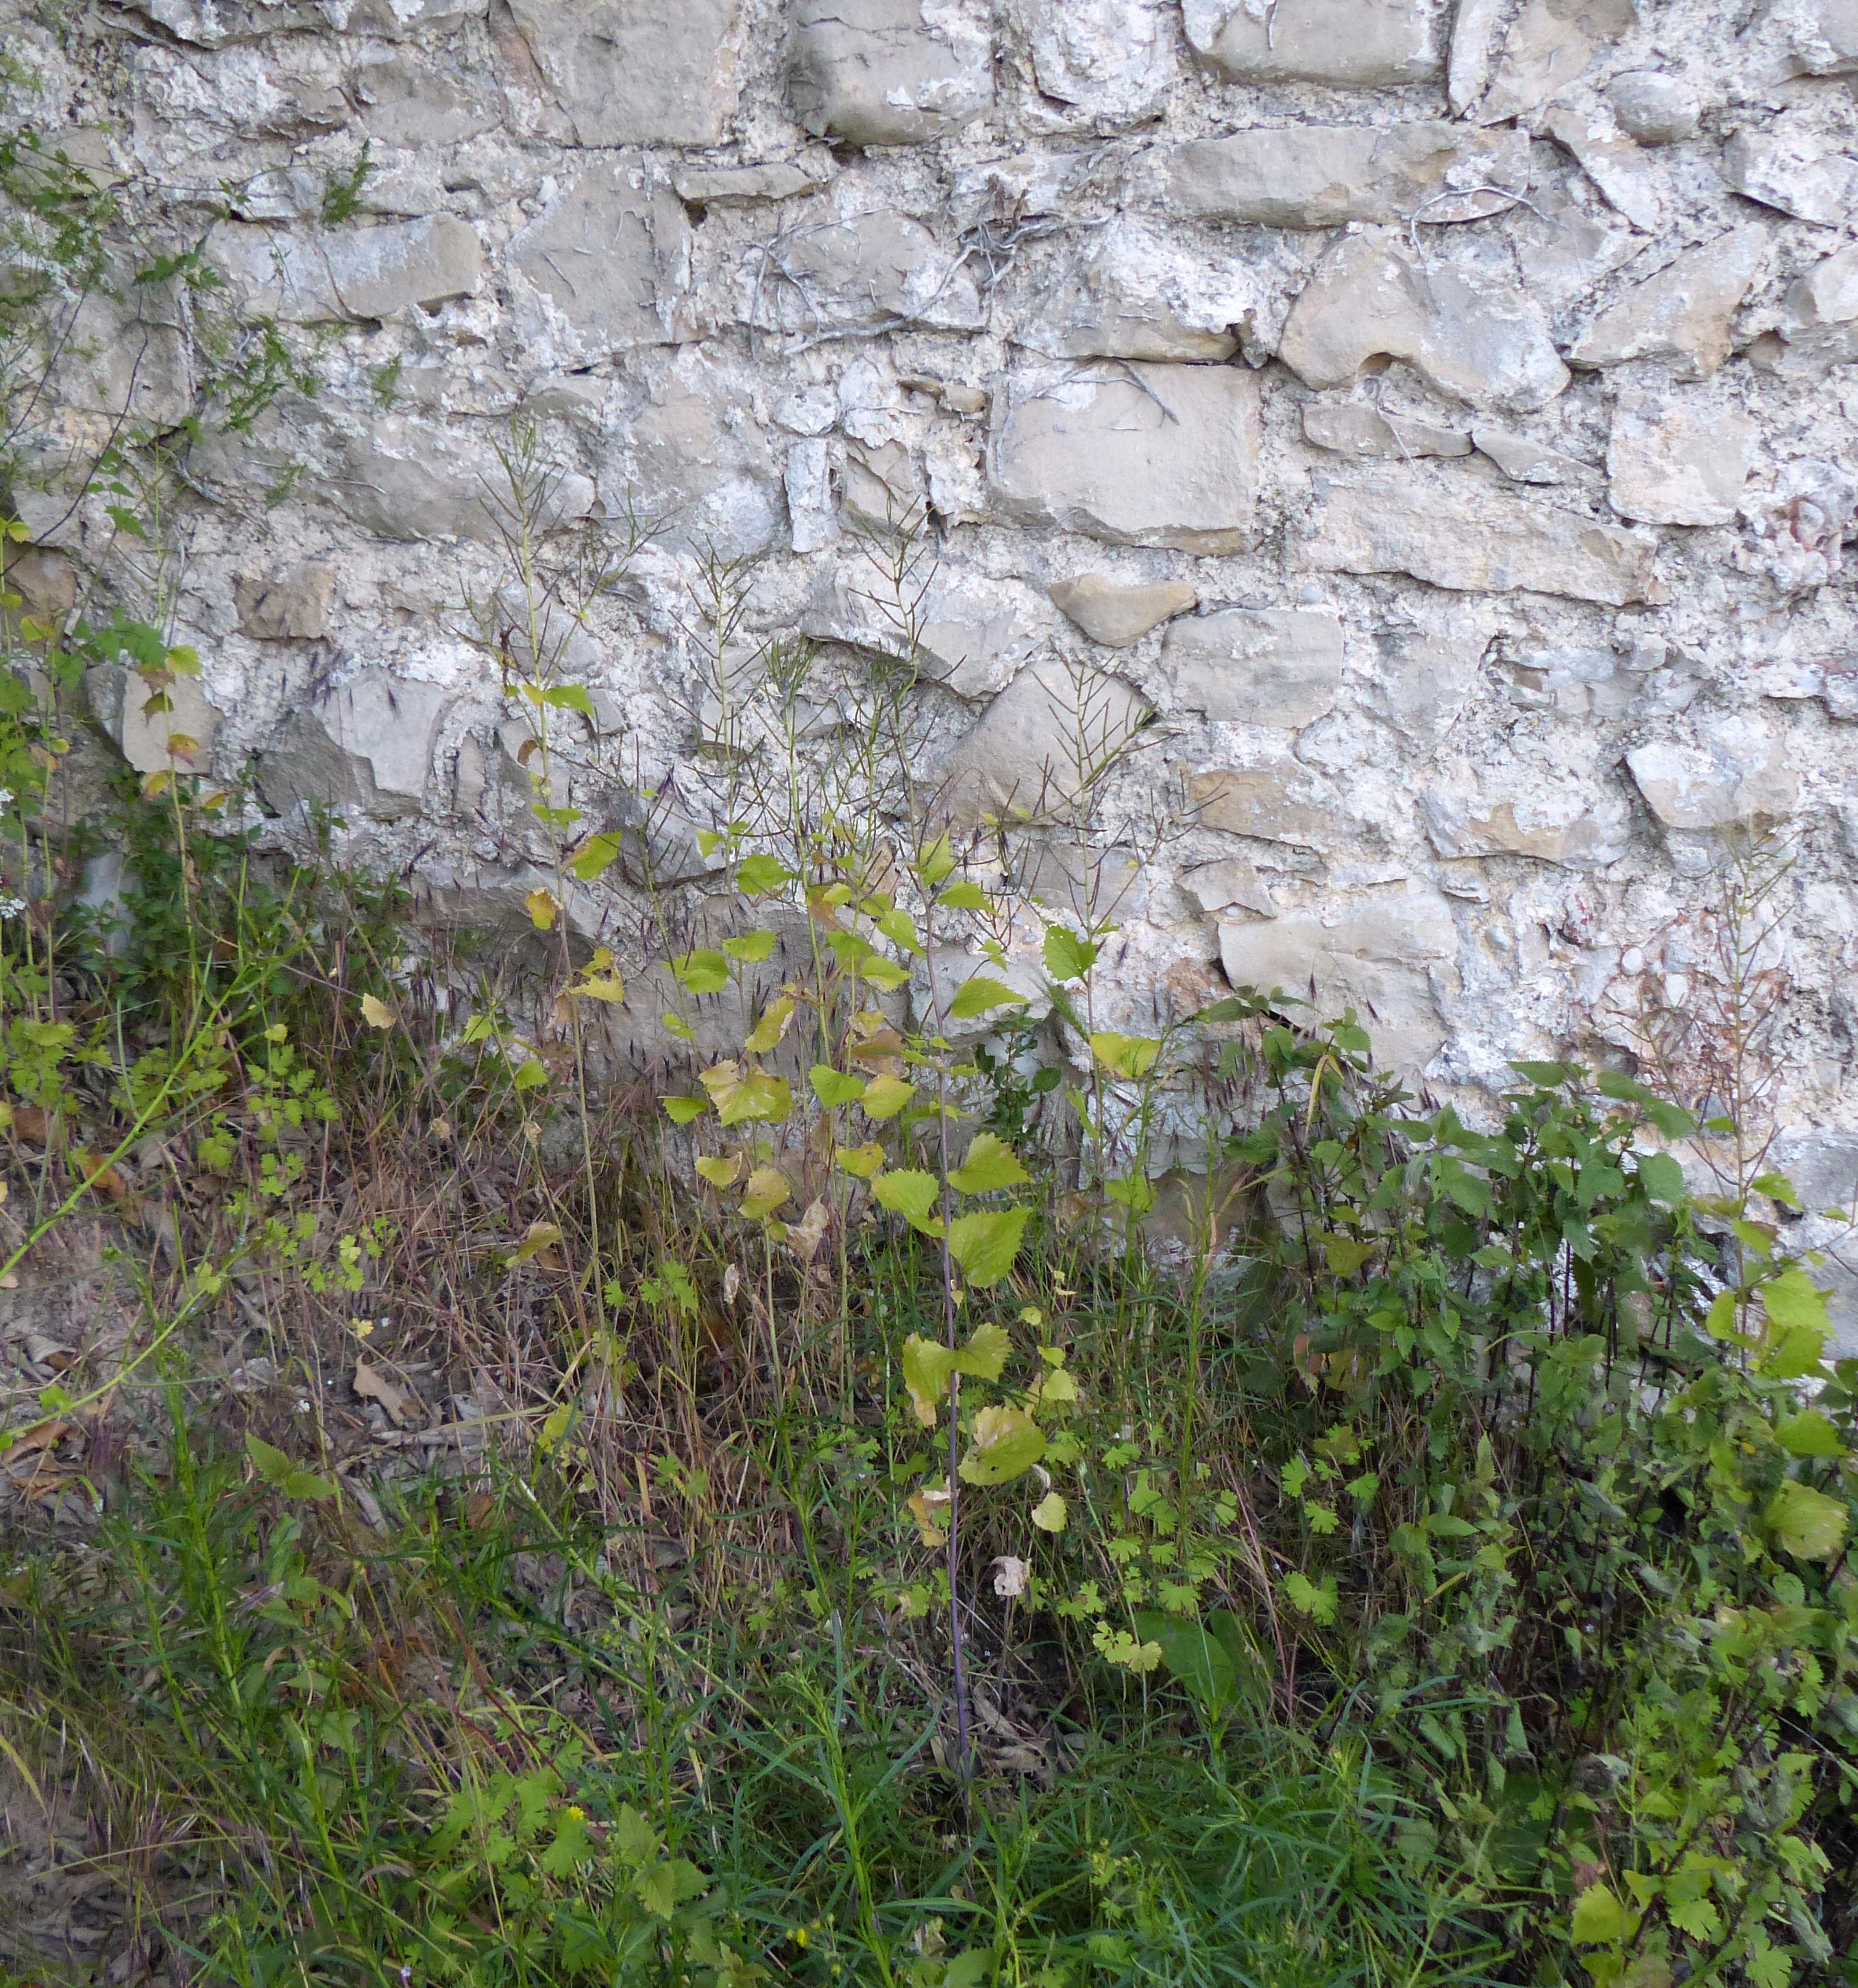 © Dipartimento di Scienze della Vita, Università di Trieste<br>by Andrea Moro<br>Comune di Asolo, nei pressi della salita per la Rocca, TV, Veneto, Italia, 22/05/2016<br>Distributed under CC-BY-SA 4.0 license.